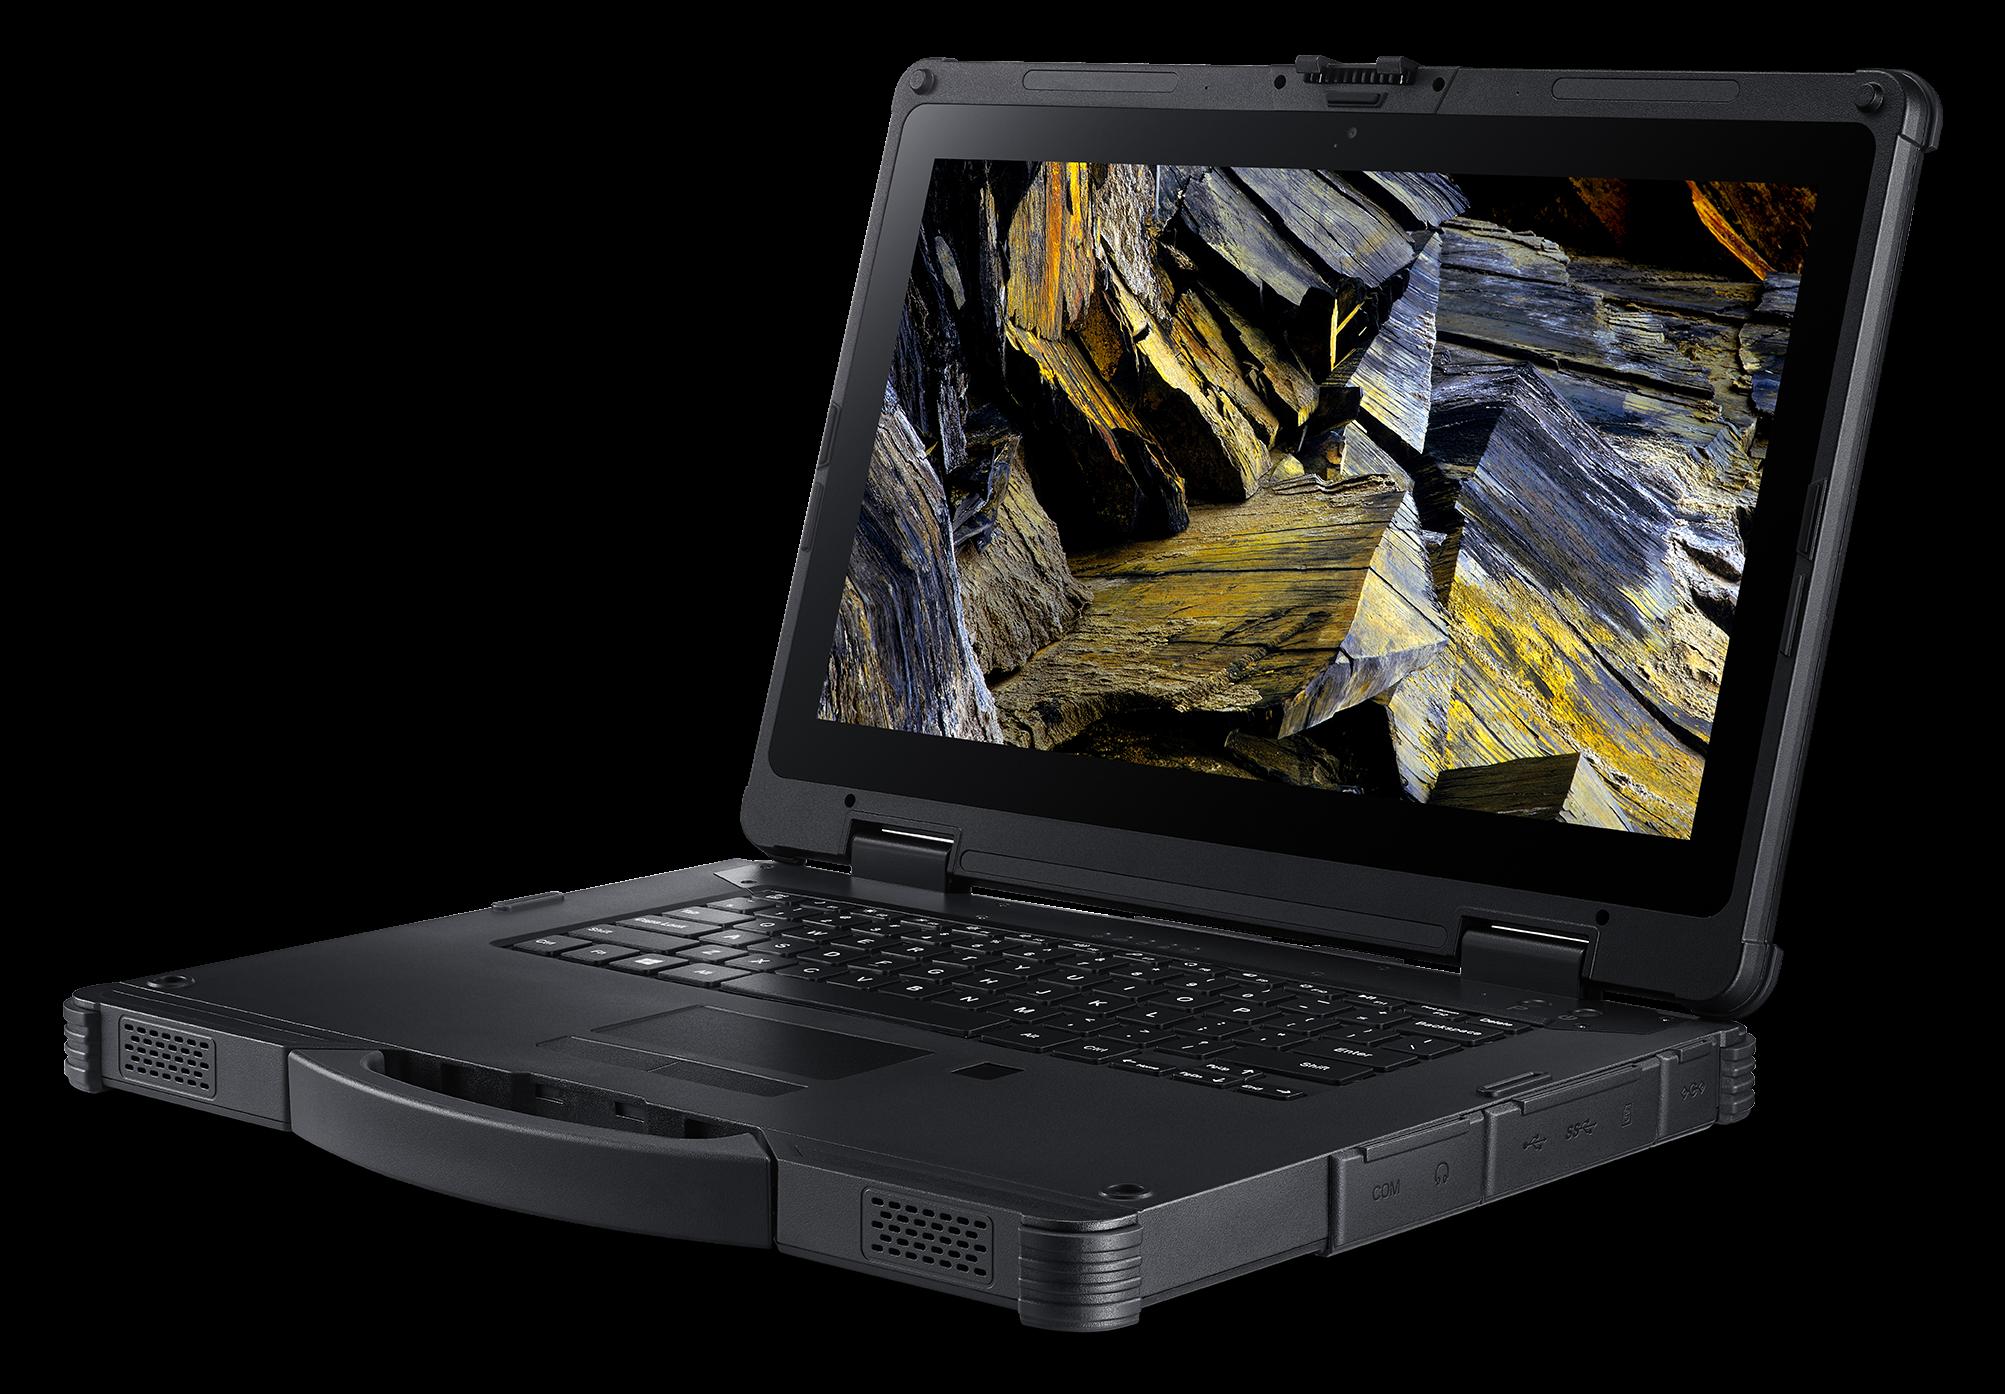 Acer представила новые защищённые ноутбуки ENDURO N7